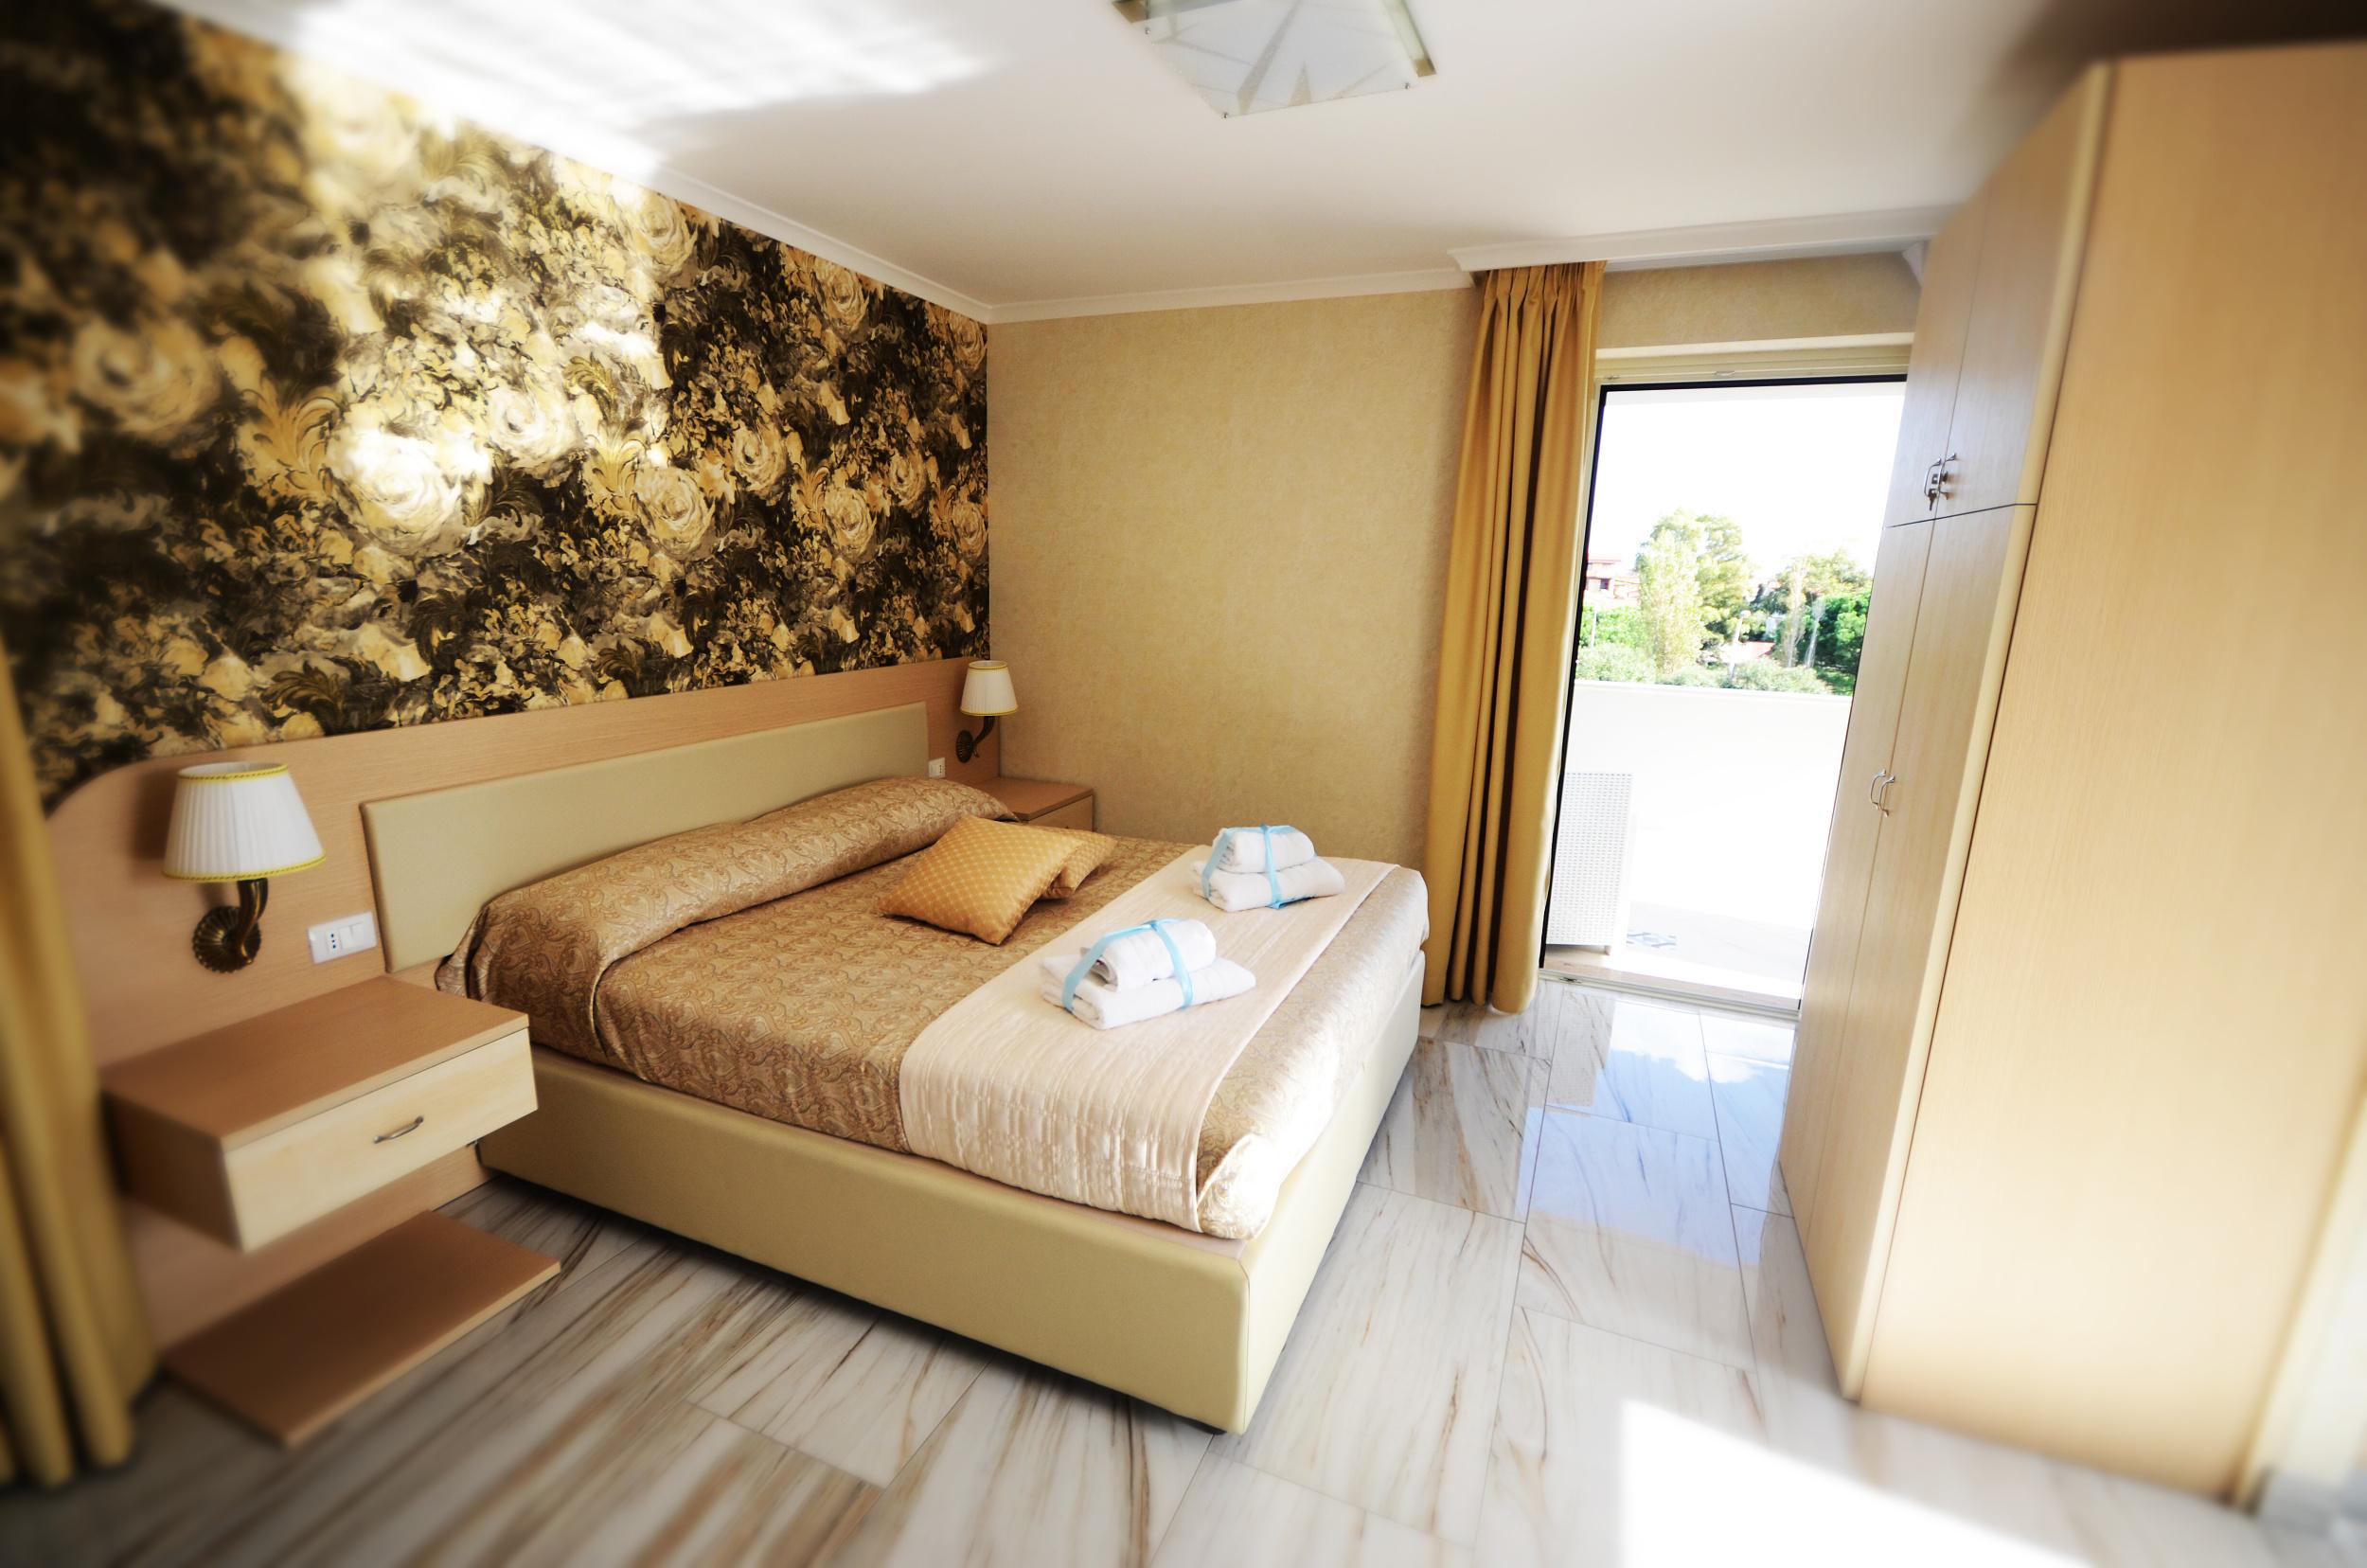 Hotels in Fiumicino | Rome Airport Inn Guest House B&B Fiumicino